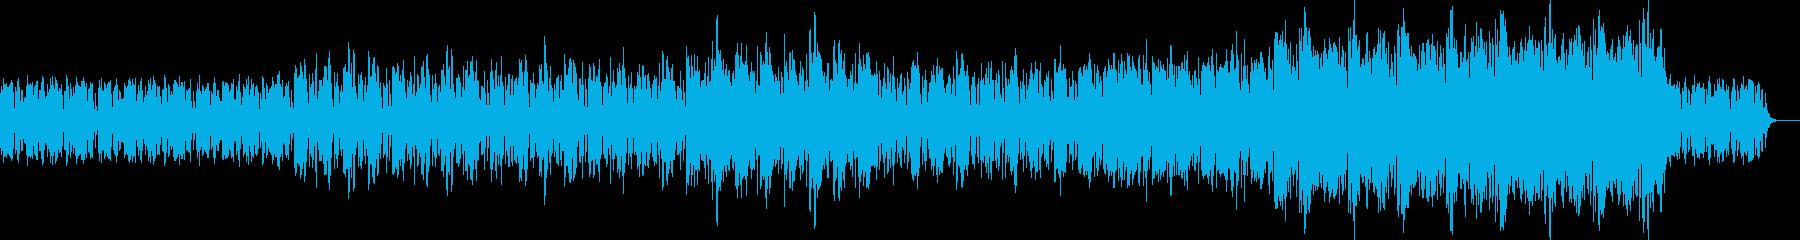 リズムとバイオリンなしの再生済みの波形